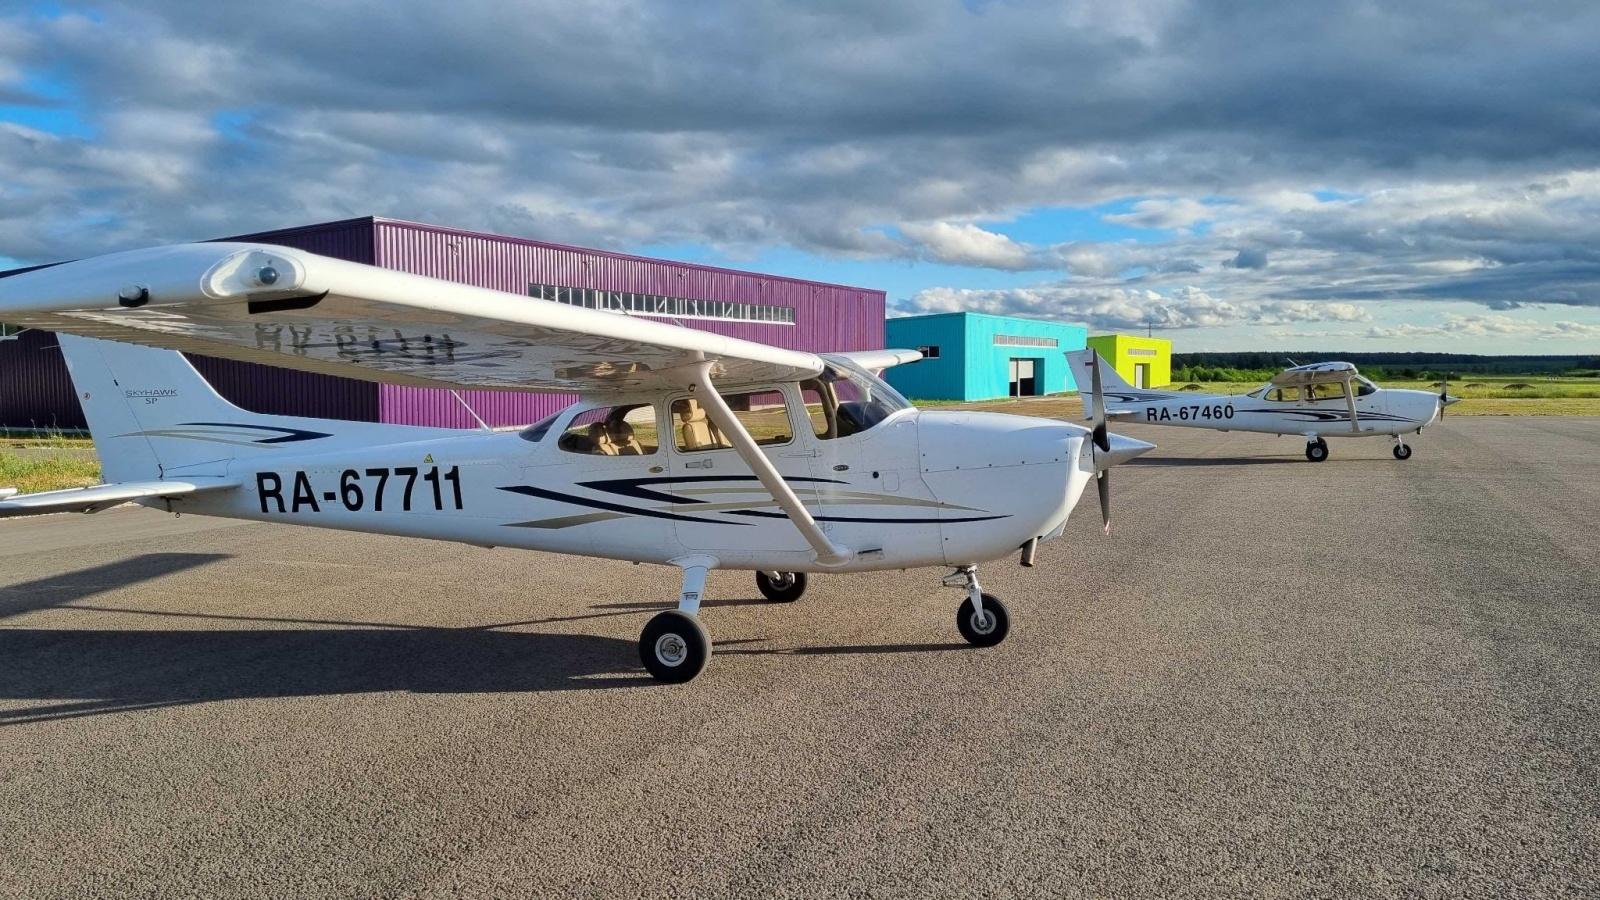 Обучение на частного пилота в России. Личный опыт - 4